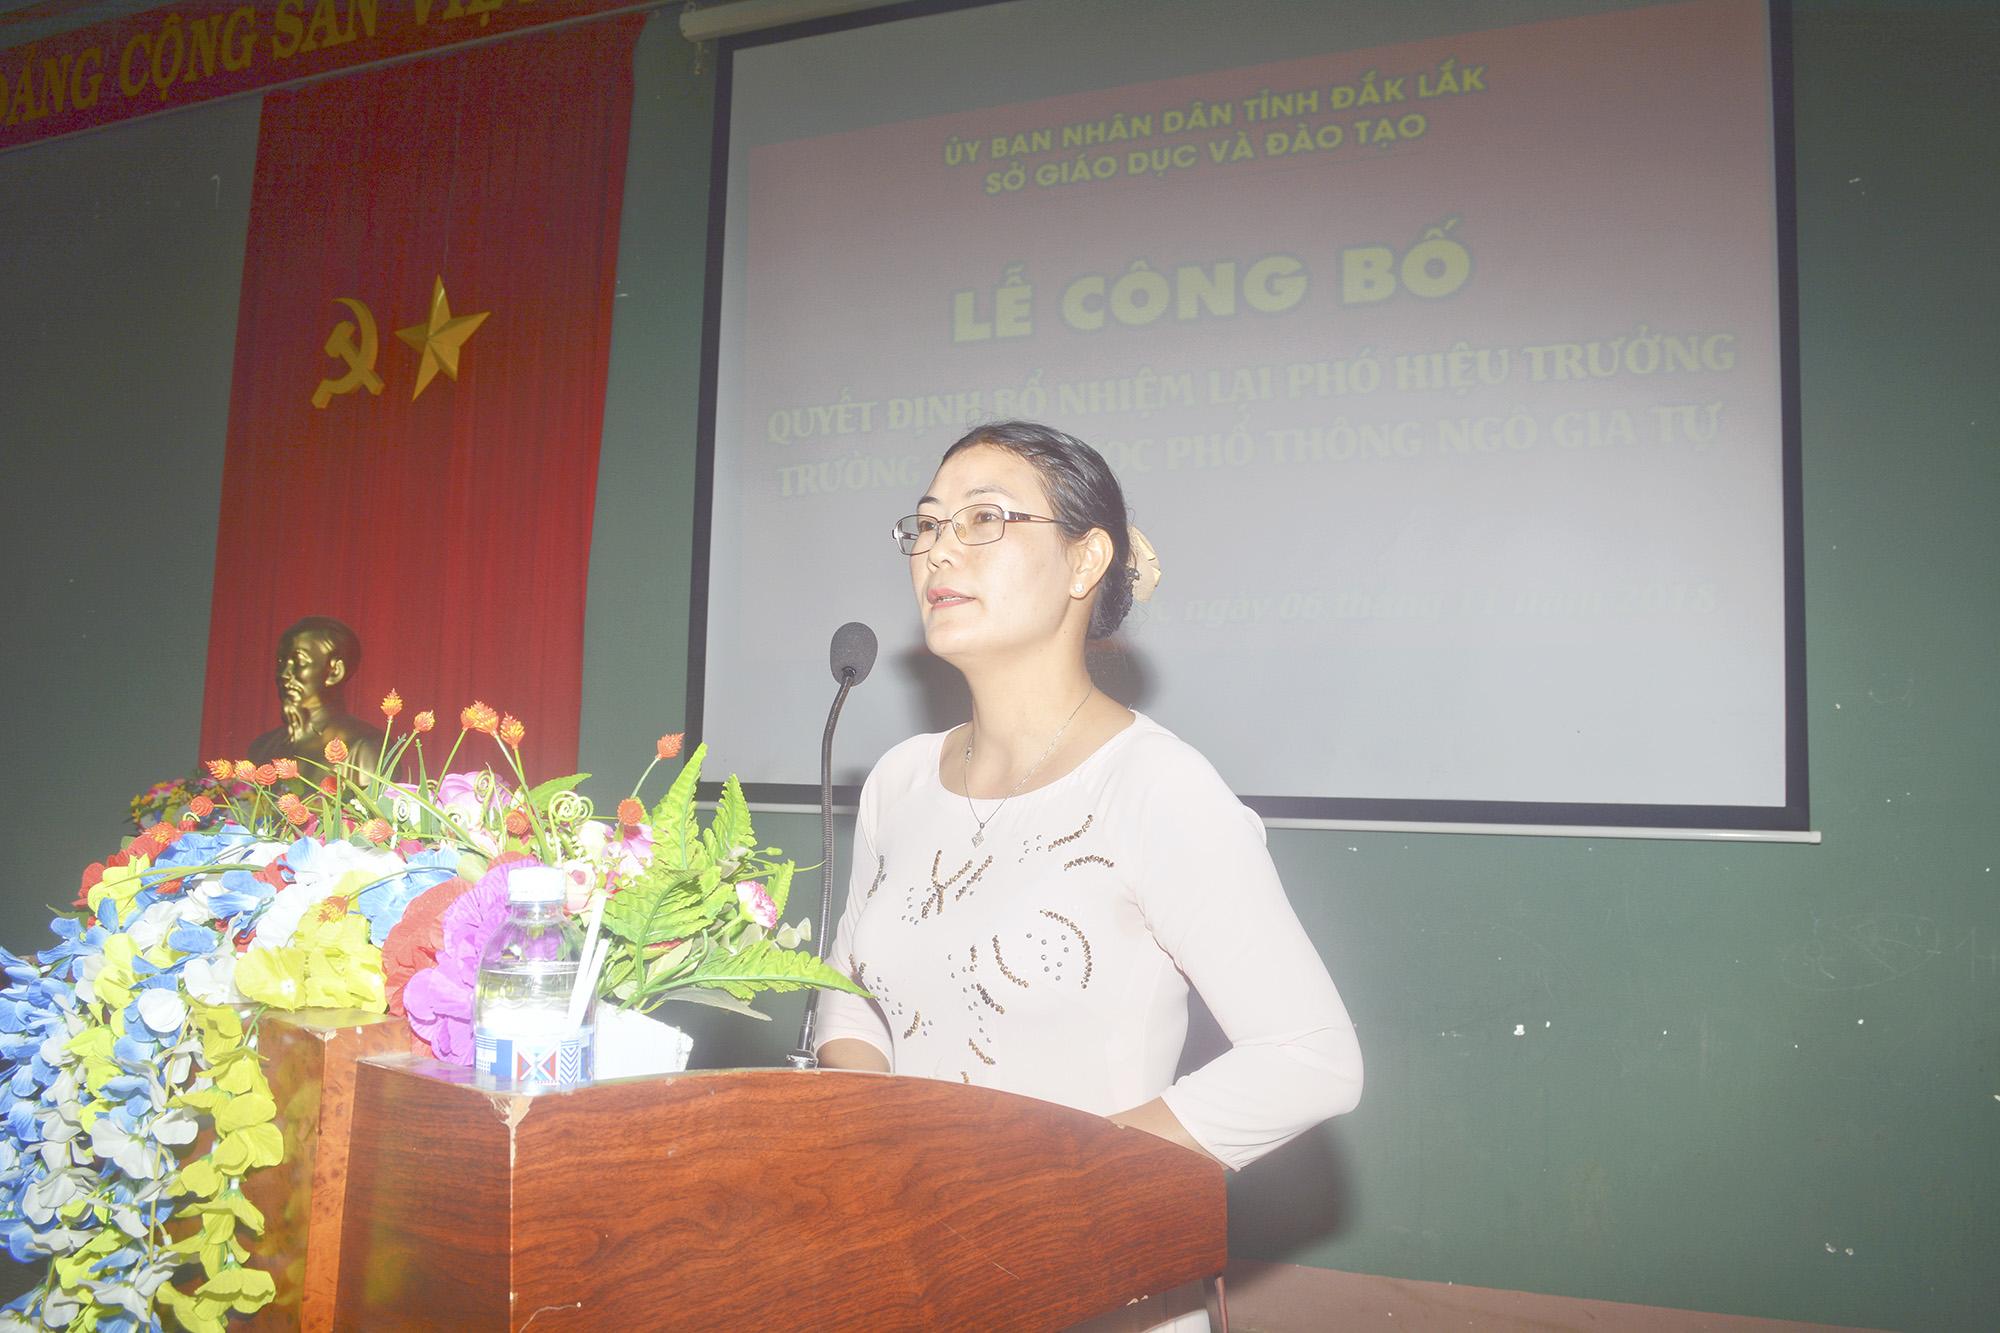 Cô Phạm Thị Dinh phát biểu nhận nhiệm vụ và cảm ơn